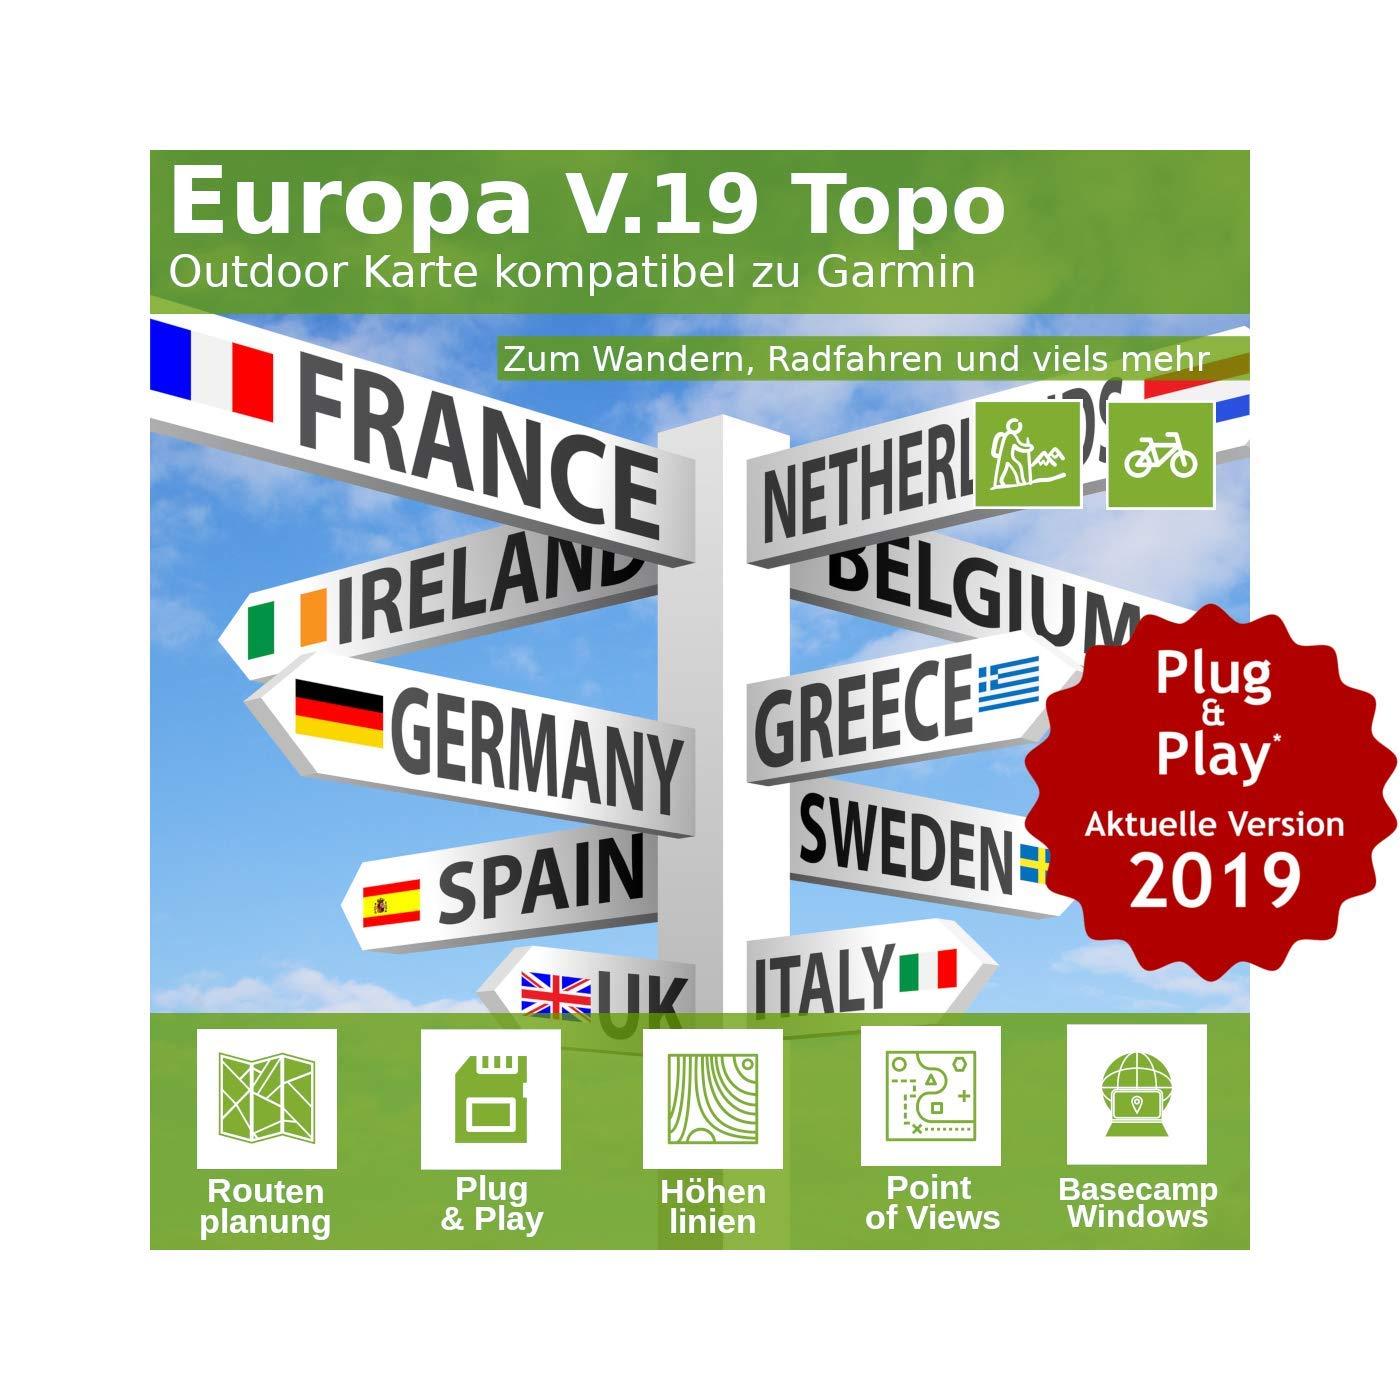 Europa V.19 - Profi Outdoor Topo Karte kompatibel zu Garmin Dakota 10, Etrex 10, Edge 520, Edge 605, Edge 705